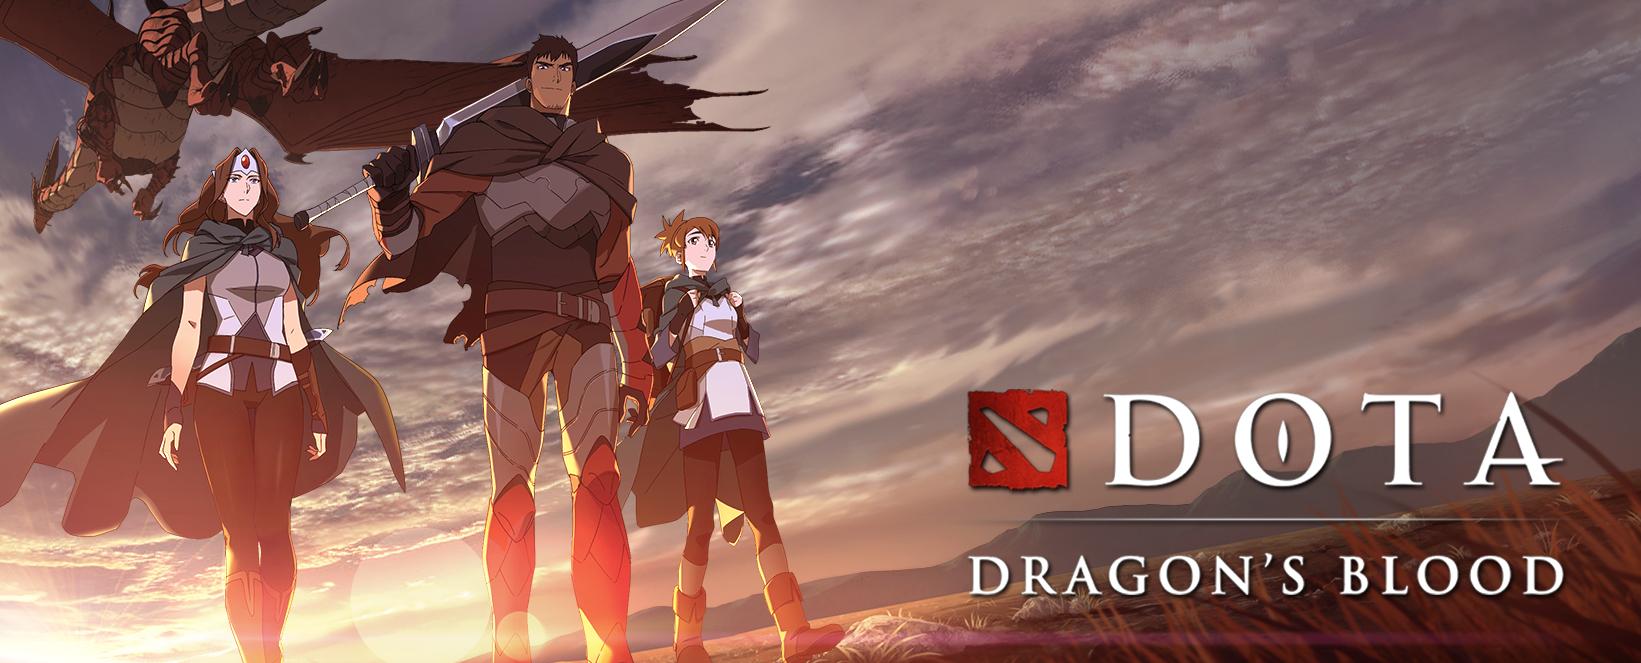 dota-dragons-blood.jpg